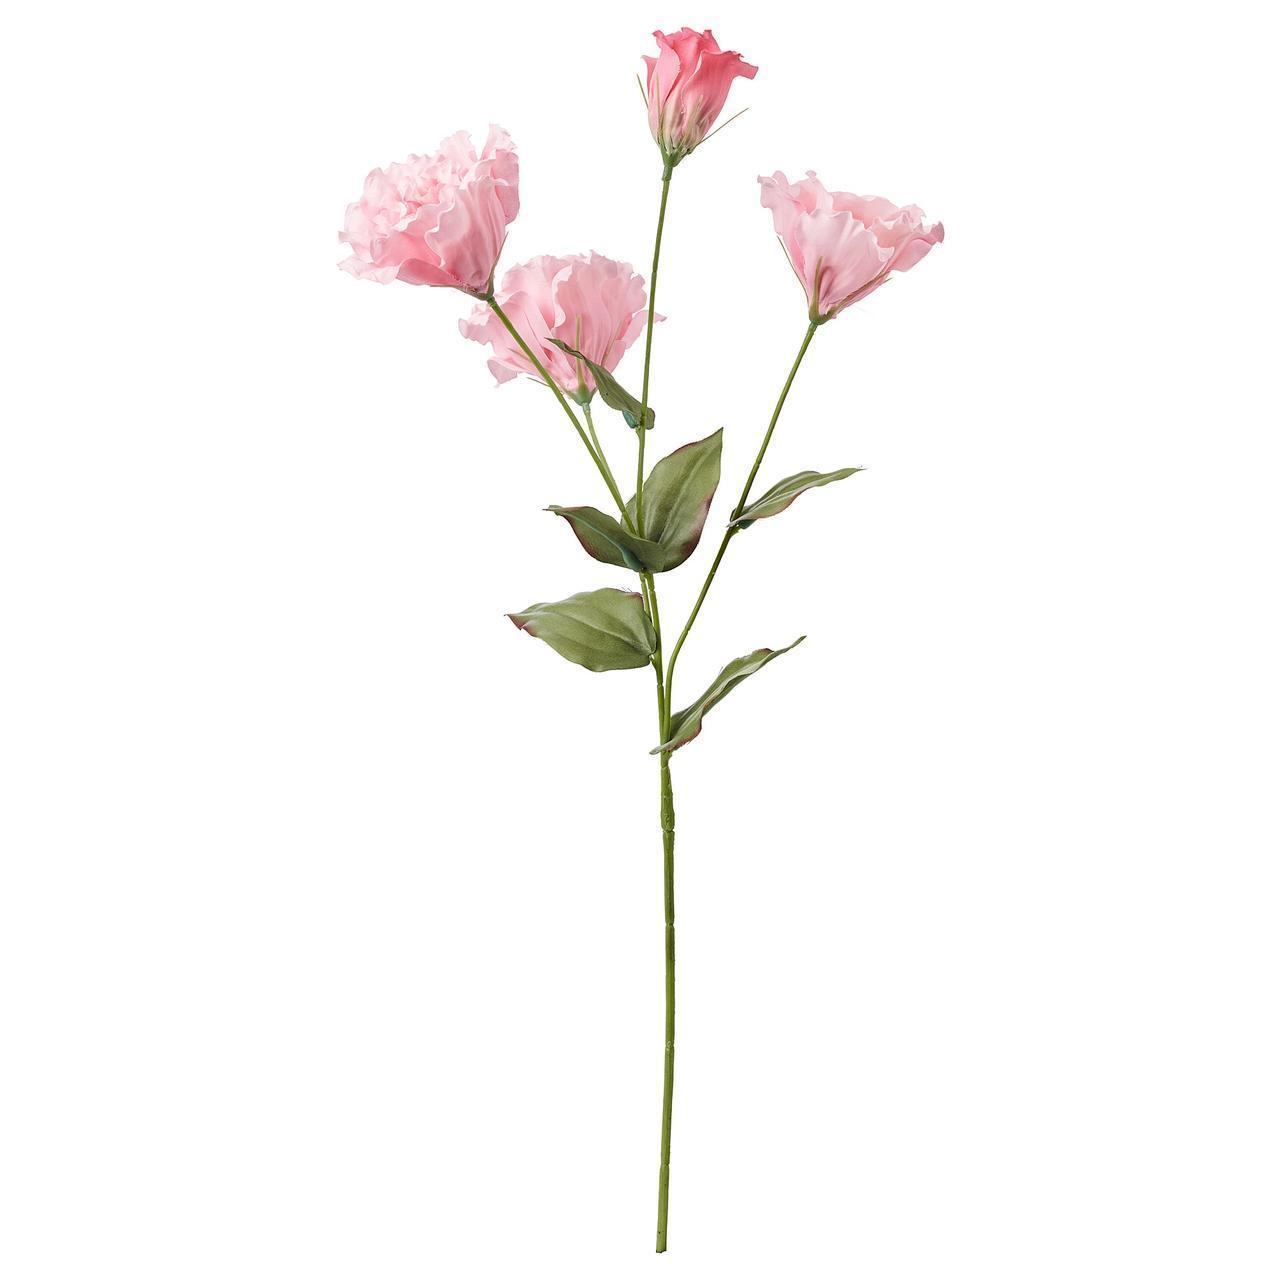 Штучний квітка IKEA SMYCKA 60 см рожевий 704.097.74